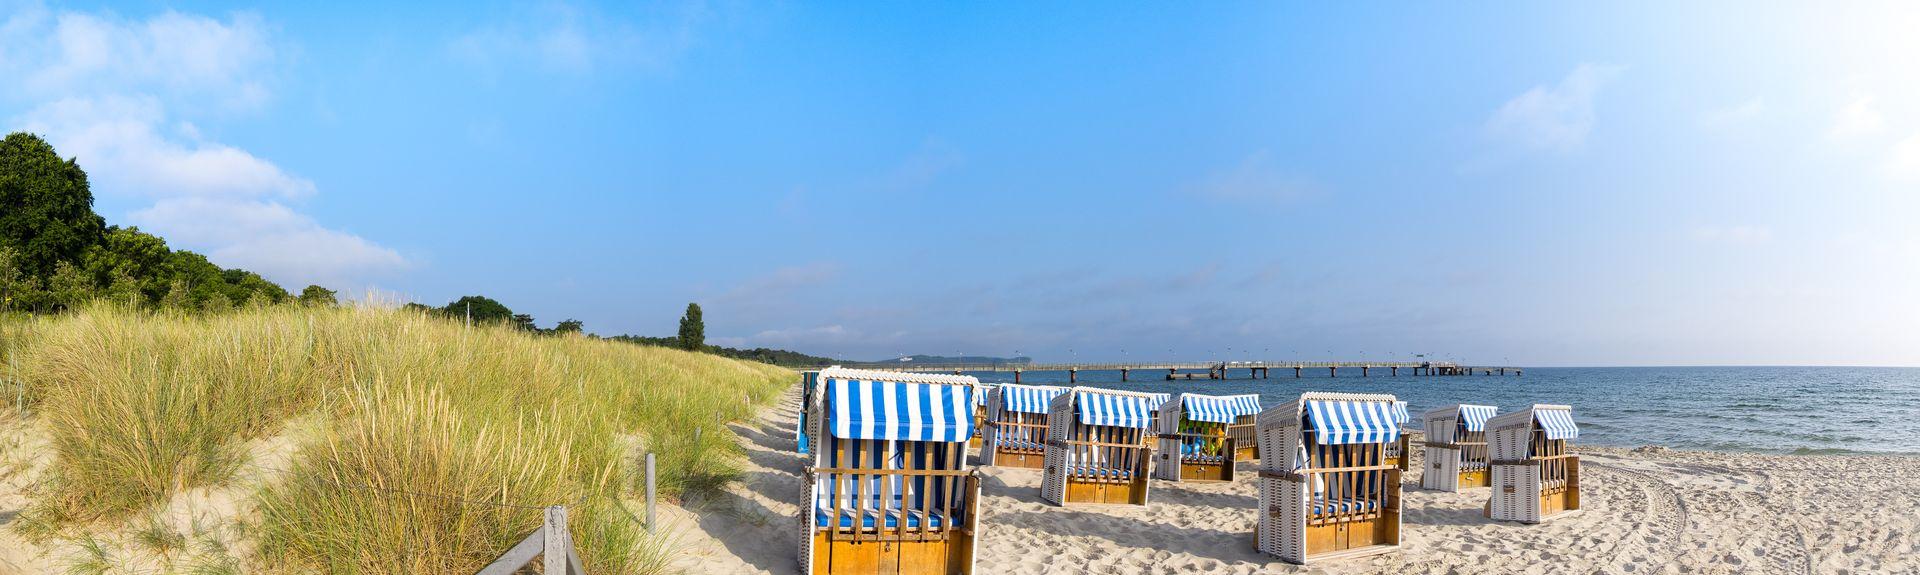 Ostseebad Baabe, Mecklenburg-Vorpommern, Deutschland